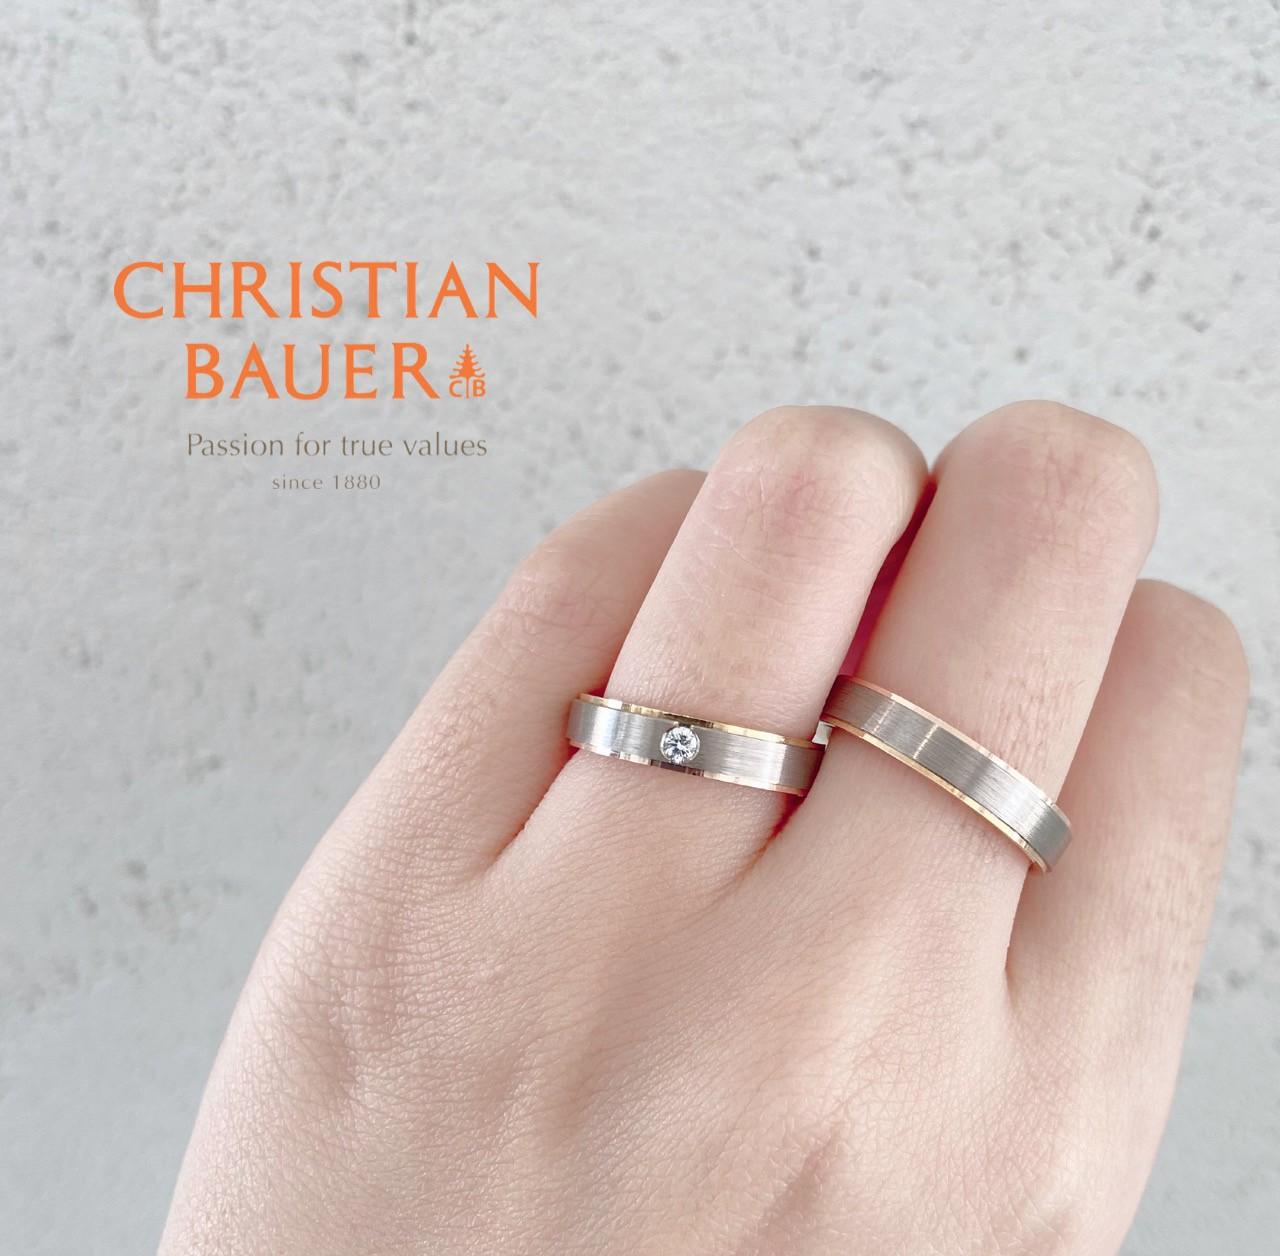 新潟で人気の結婚指輪と婚約指輪 BROOCH 鍛造(たんぞう)ジュエリー | 丈夫で太くてかっこいい結婚指輪(マリッジリング)